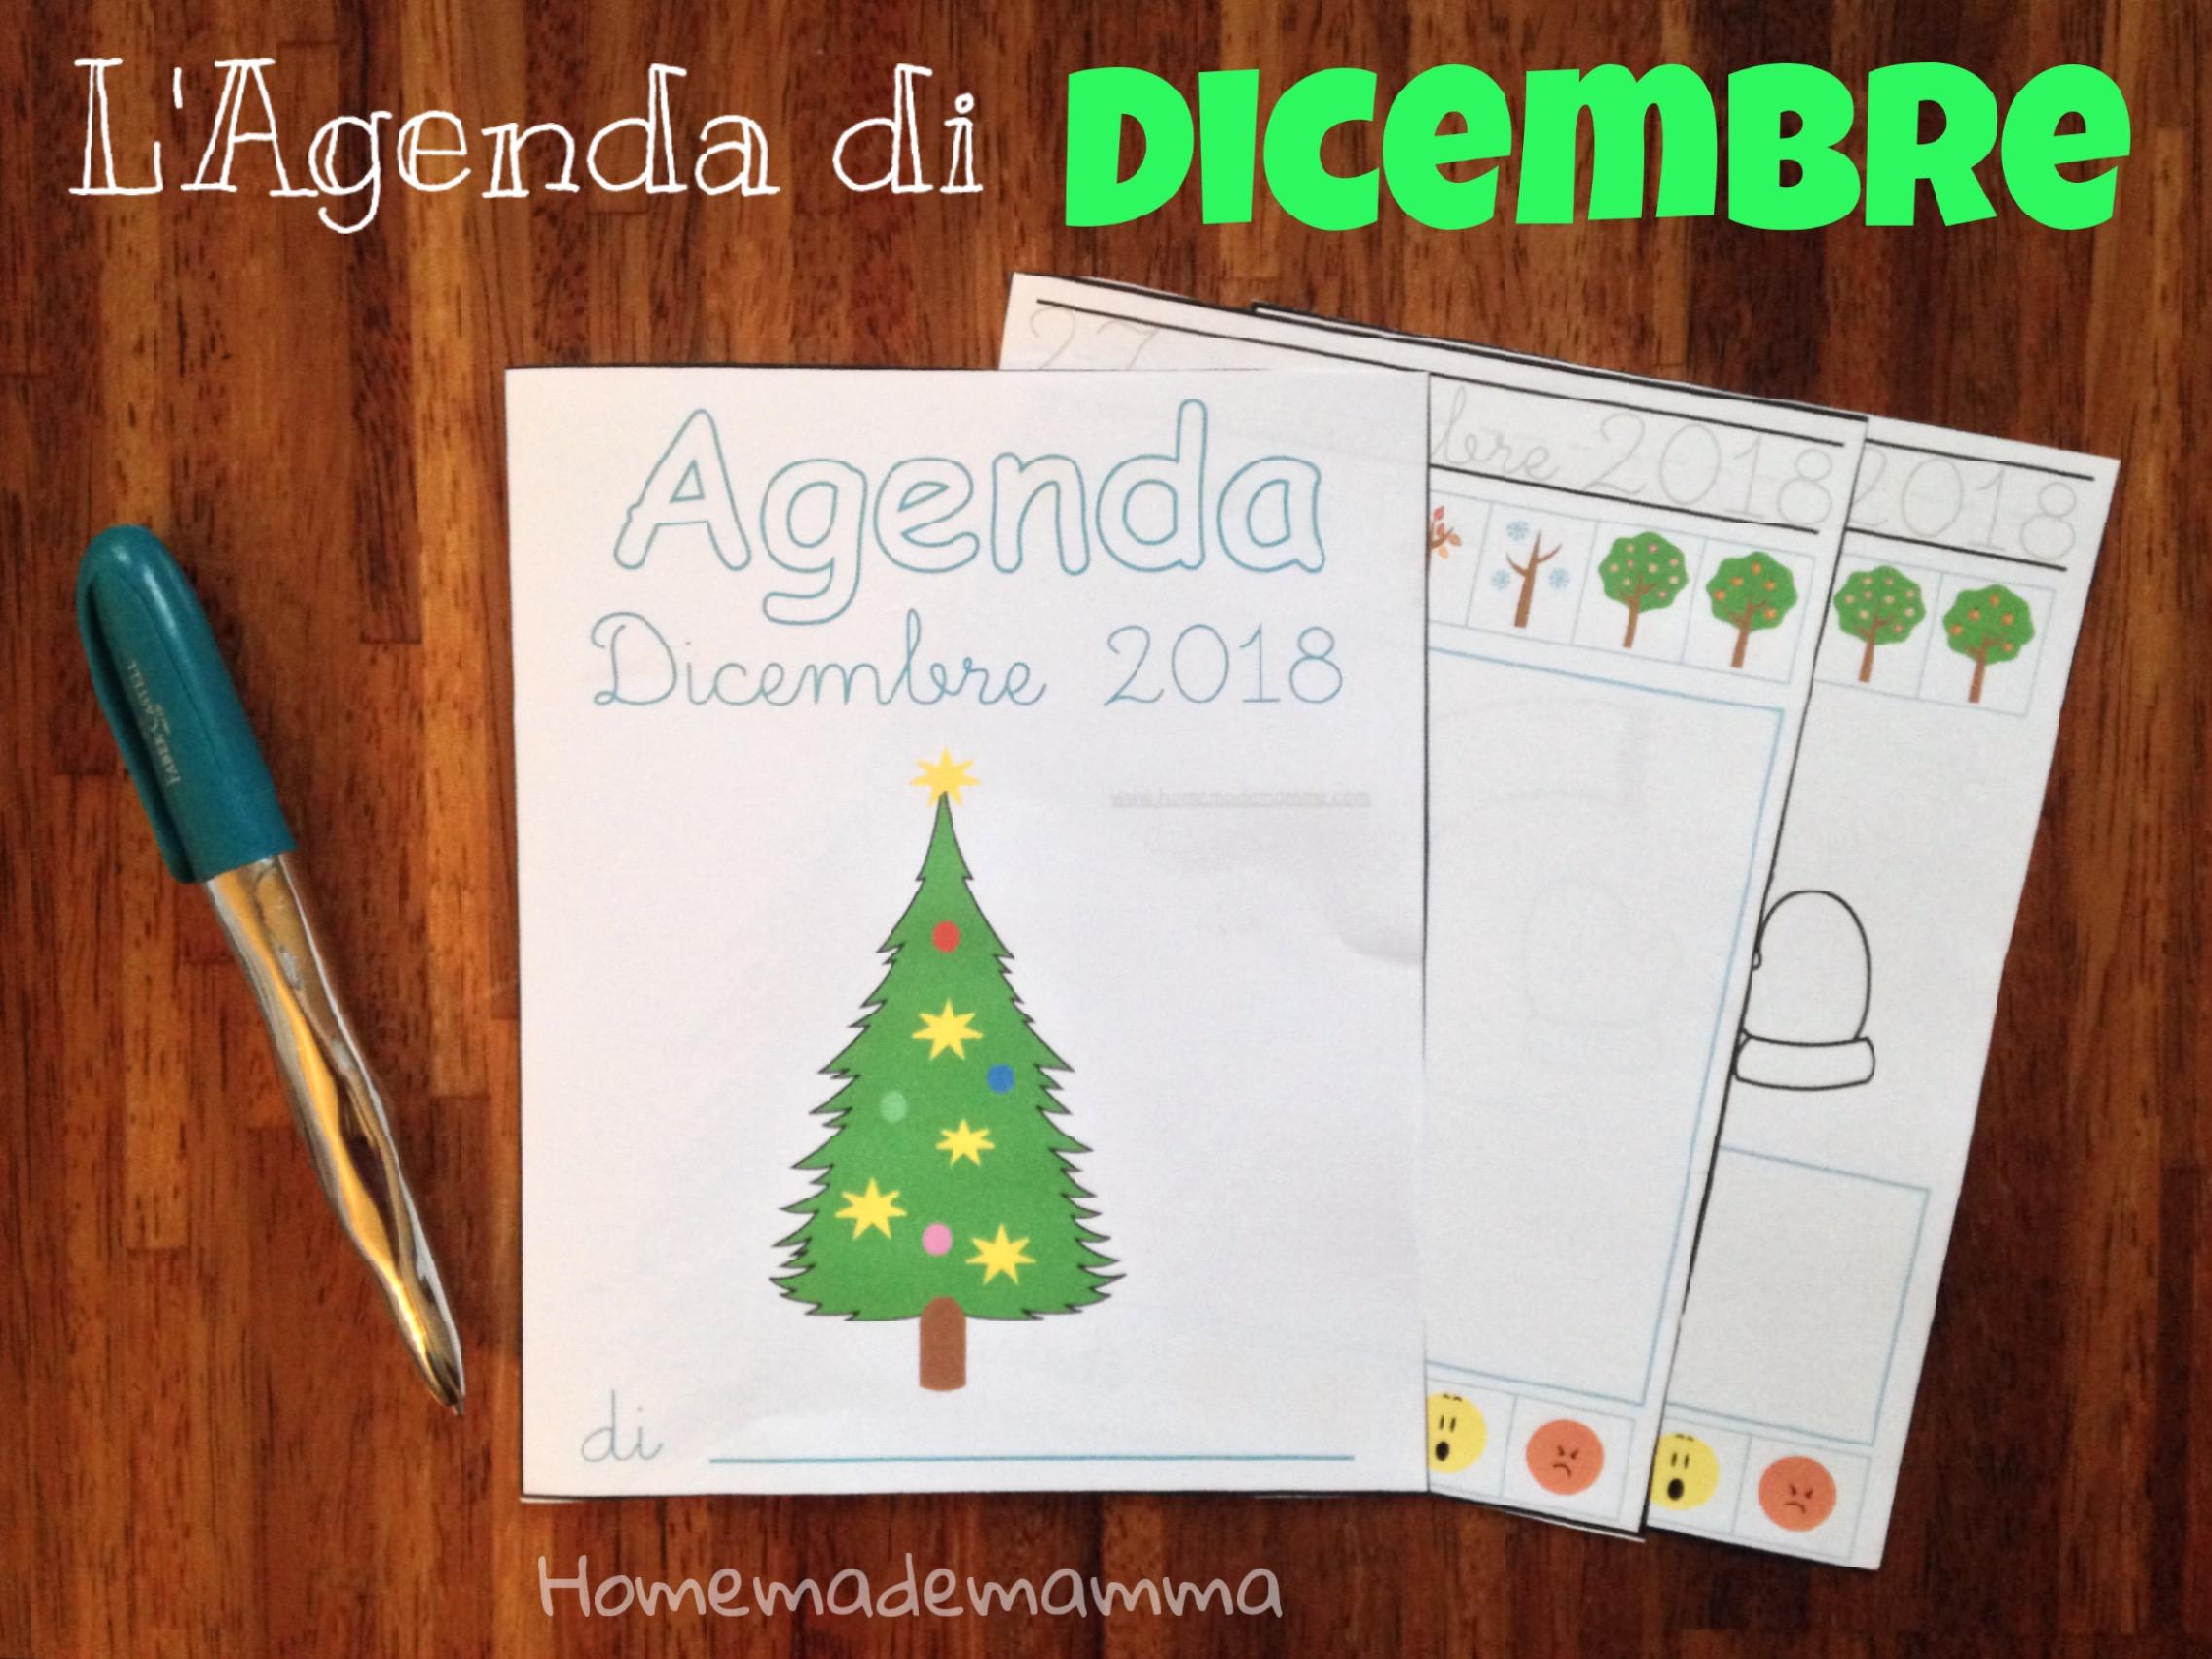 agenda dicembre bambini da stampare